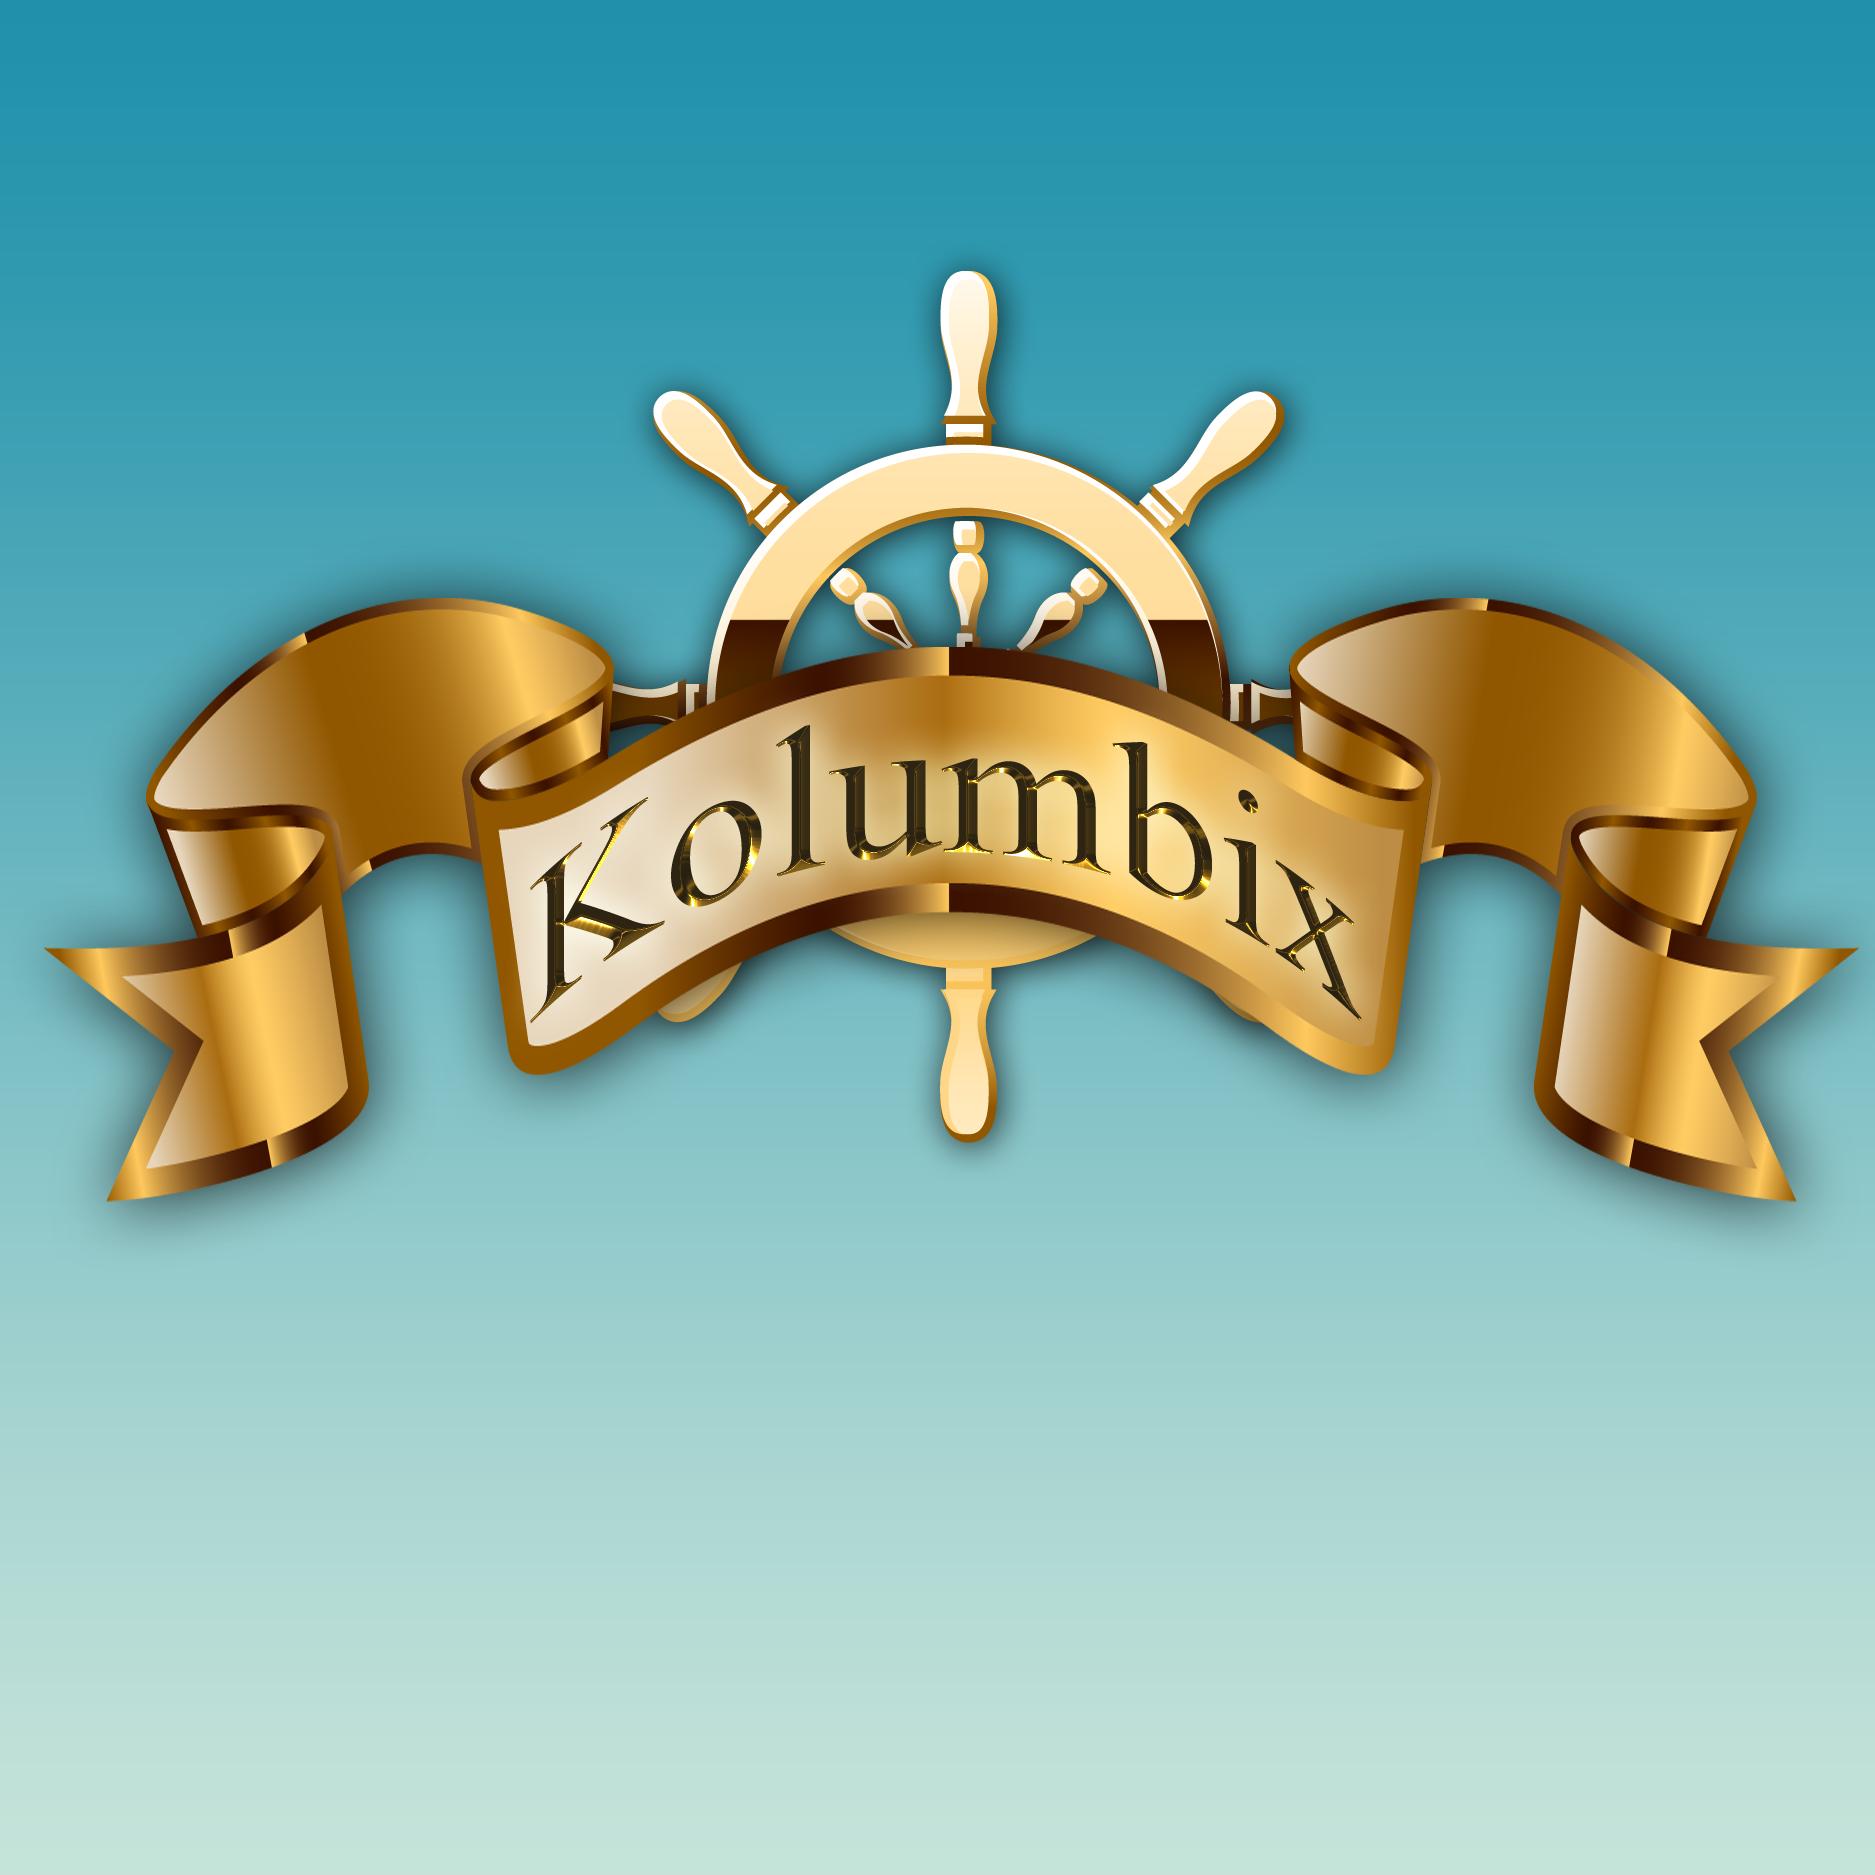 Создание логотипа для туристической фирмы Kolumbix фото f_4fb2ad36dd7e4.png